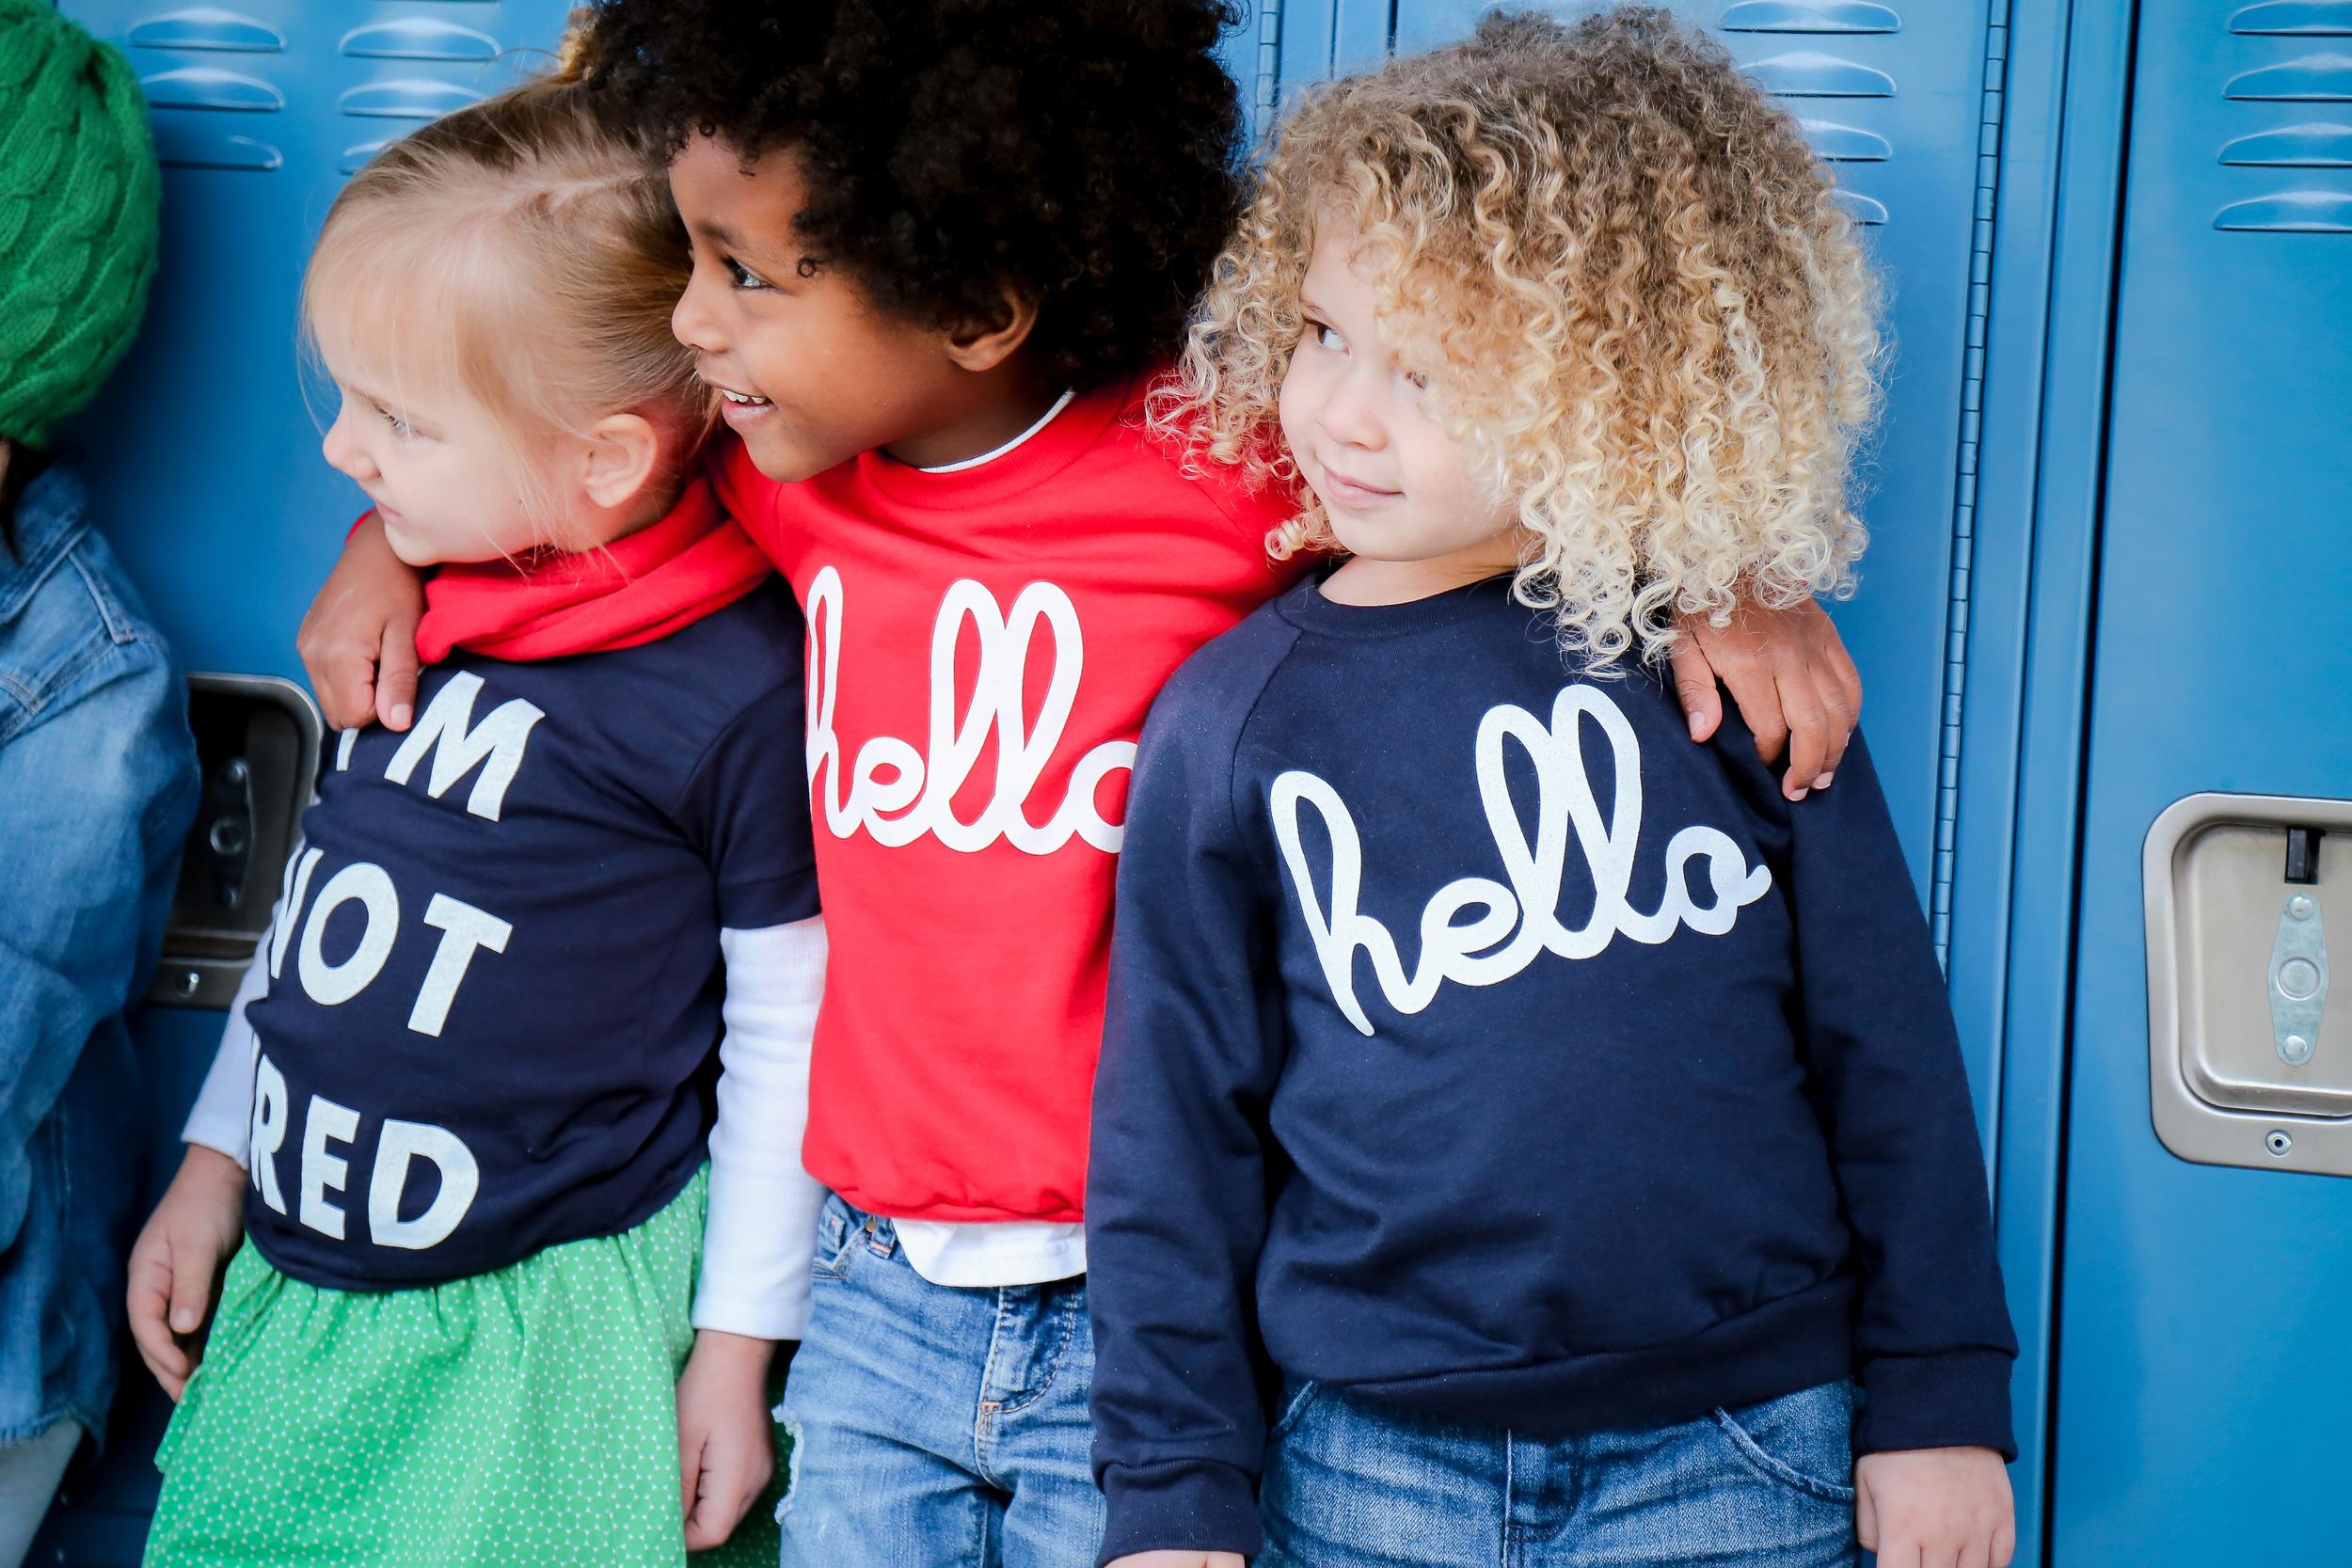 hello apparel by phoenix street